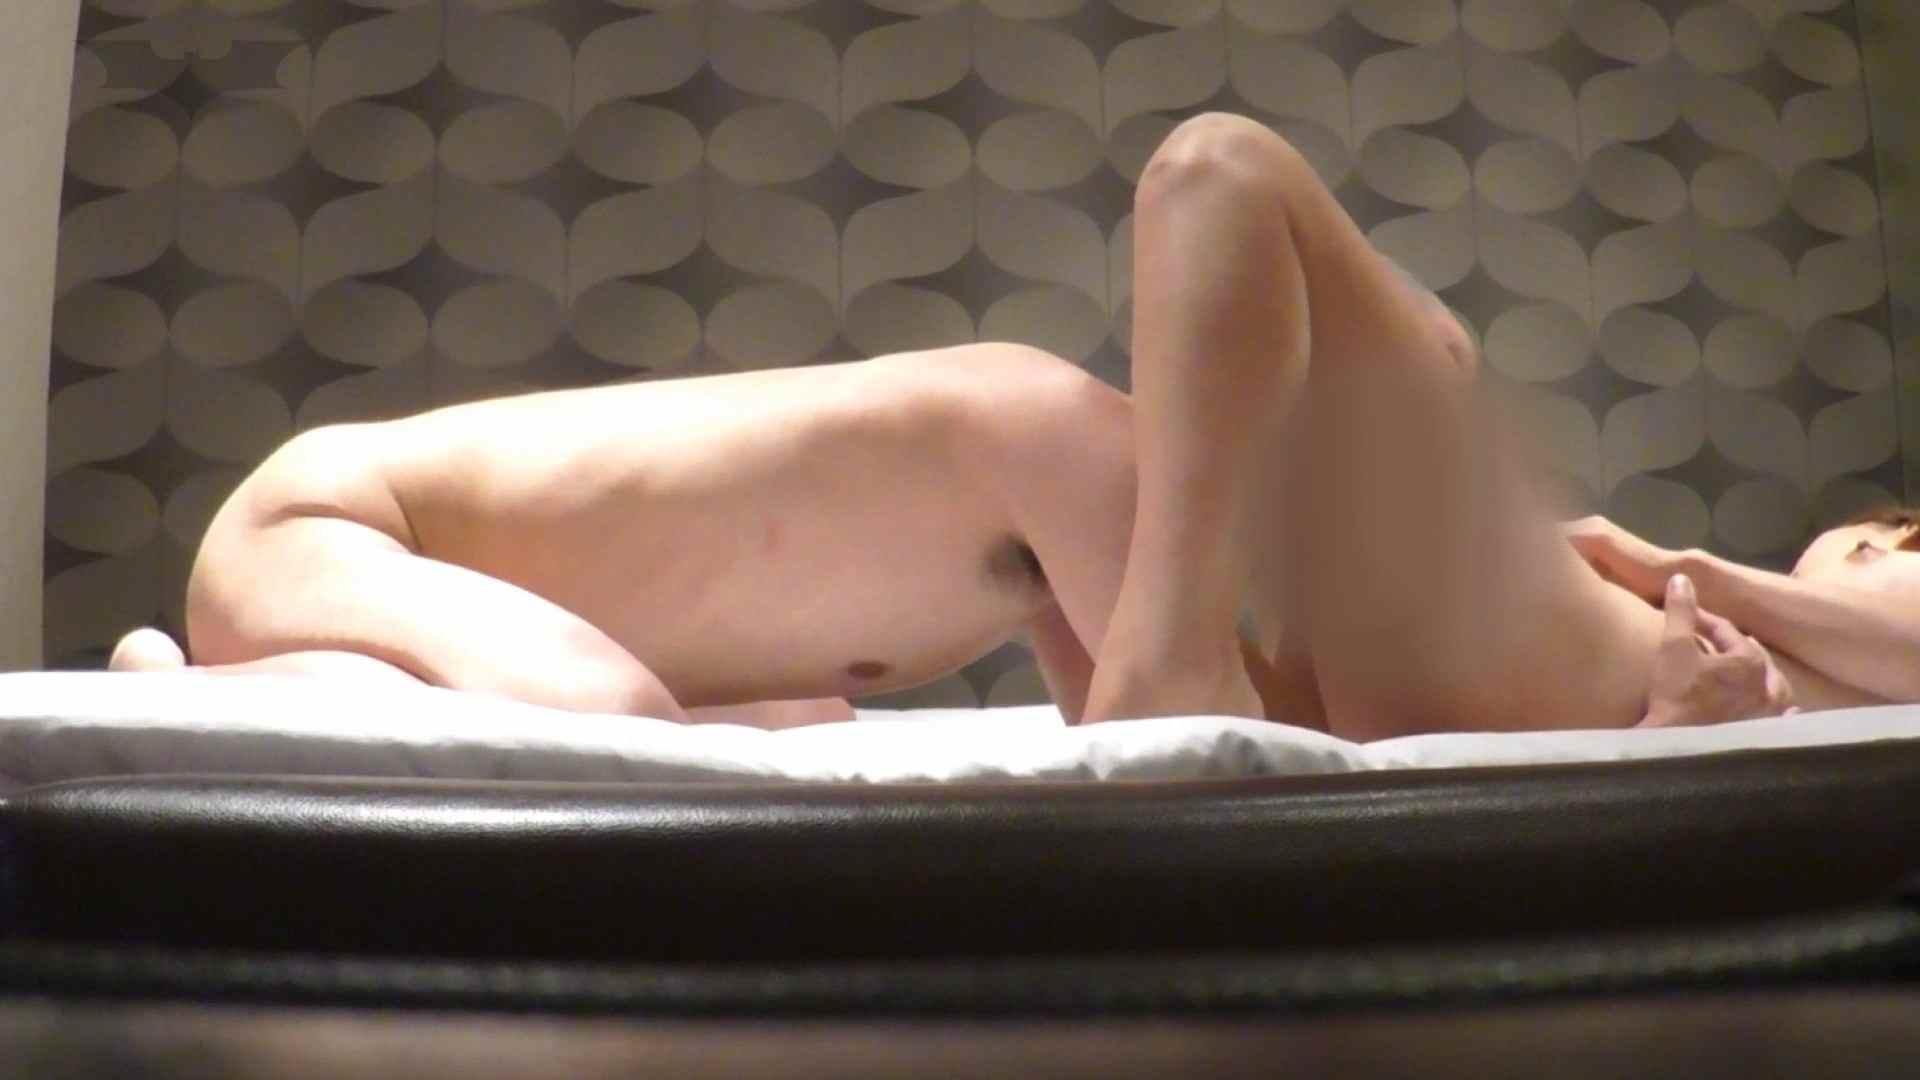 内緒でデリヘル盗撮 Vol.03後編 美肌、美人のデリ嬢わがまま息子がおかわり! 美肌 セックス画像 79枚 62